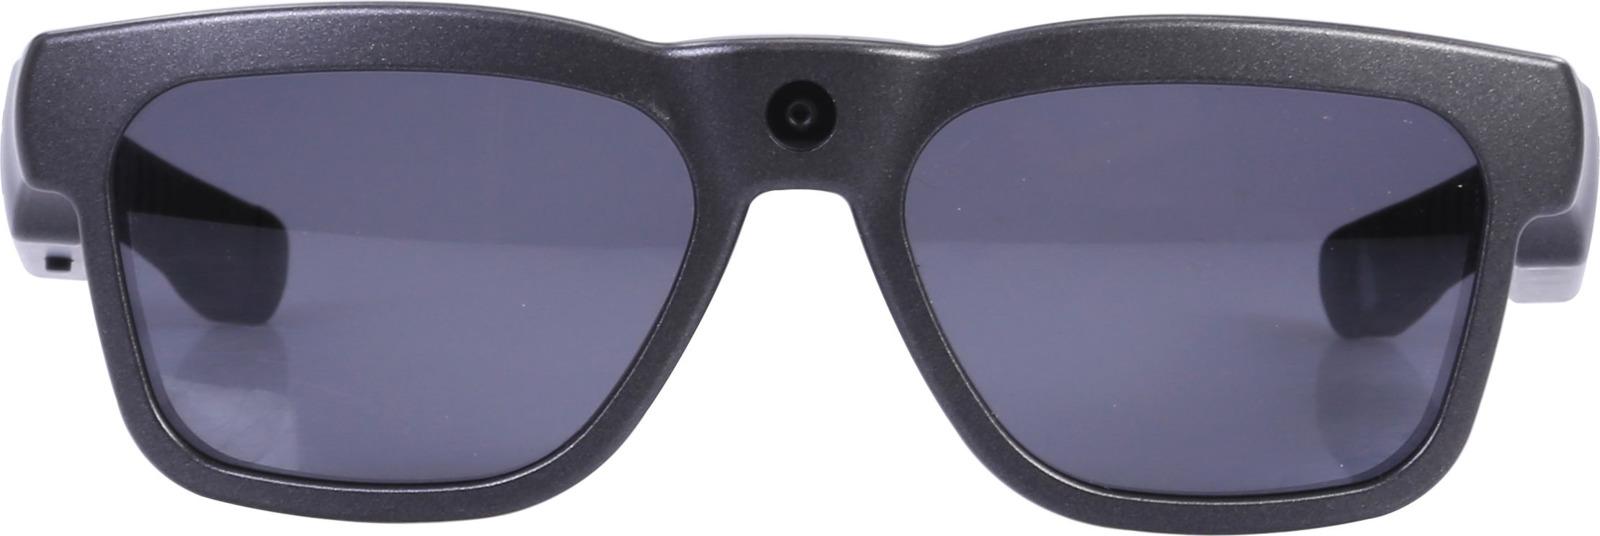 очки с камерой x-try очки с камерой x-try xtg330 original black